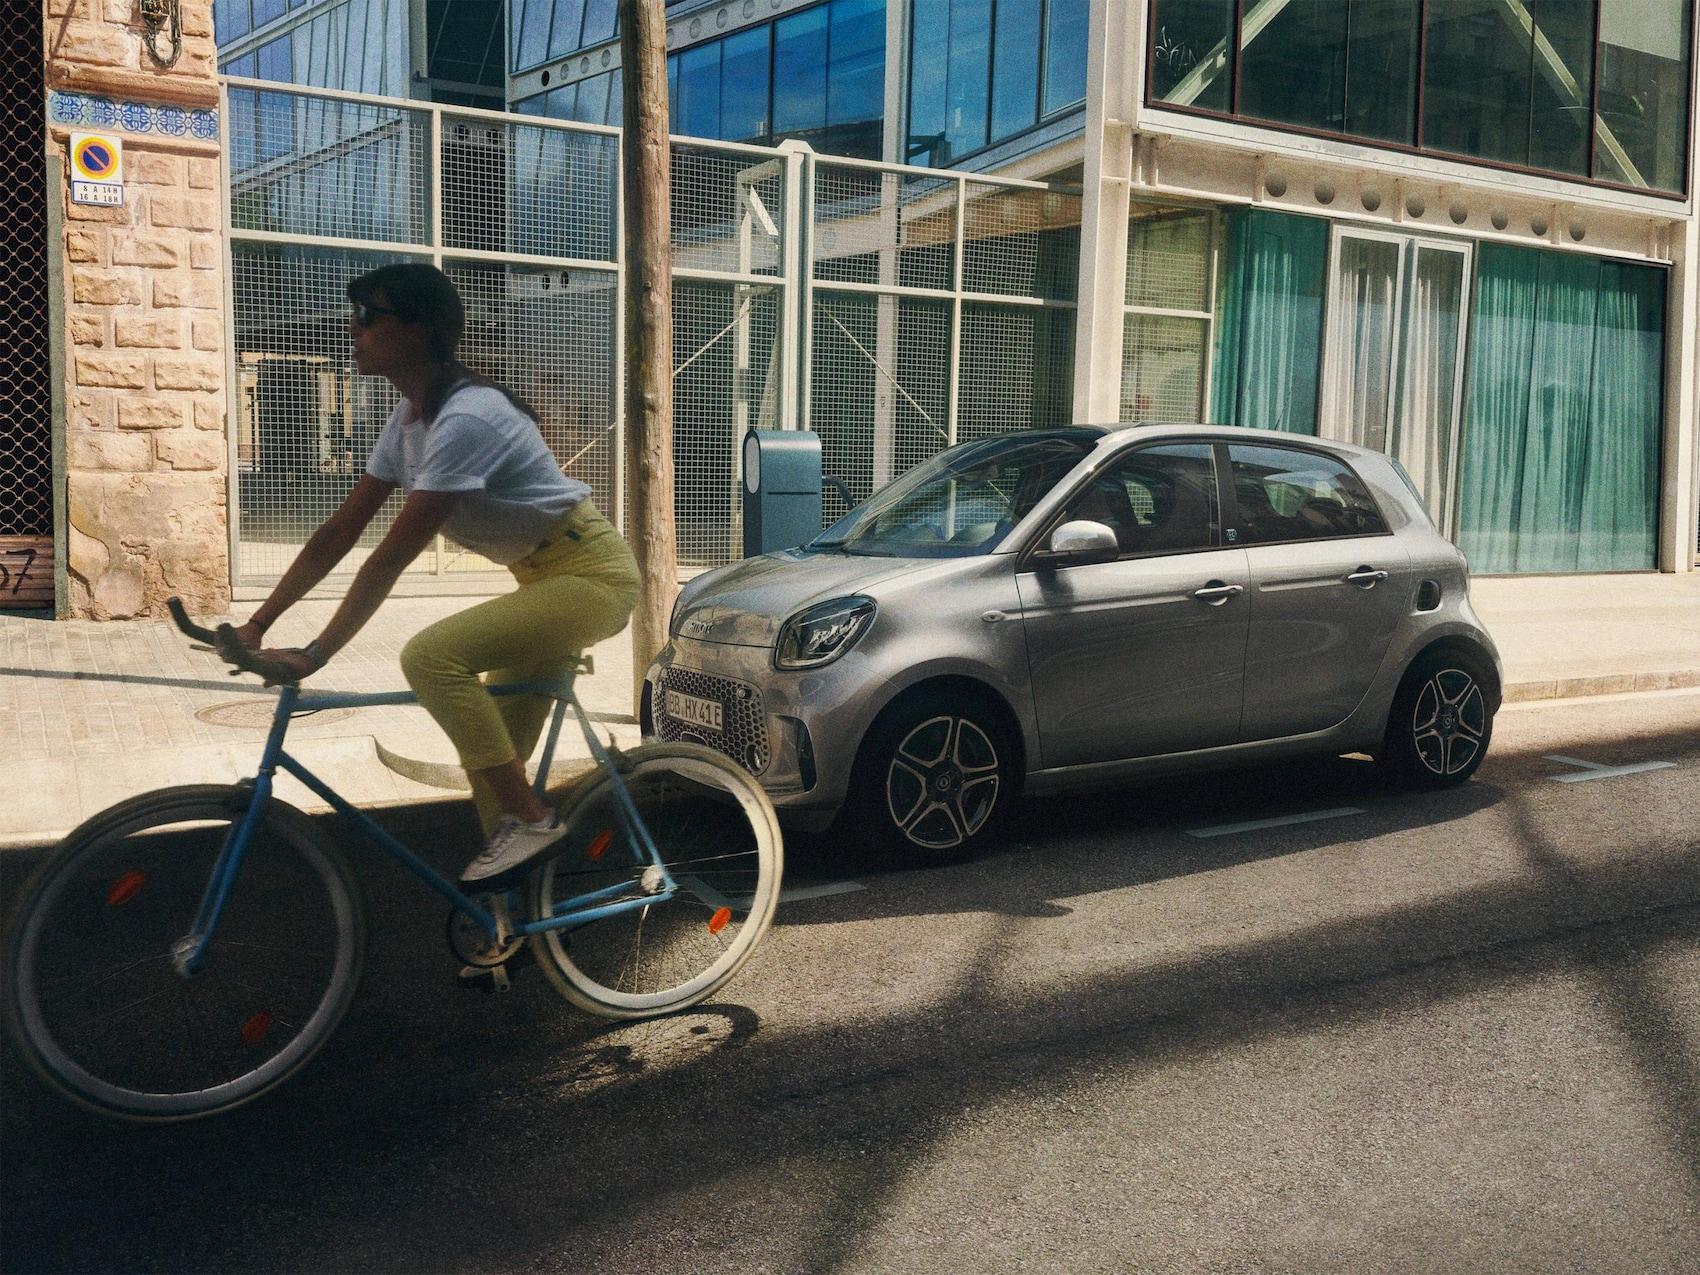 Une cycliste longe une smart EQ forfour garée le long d'un trottoir.